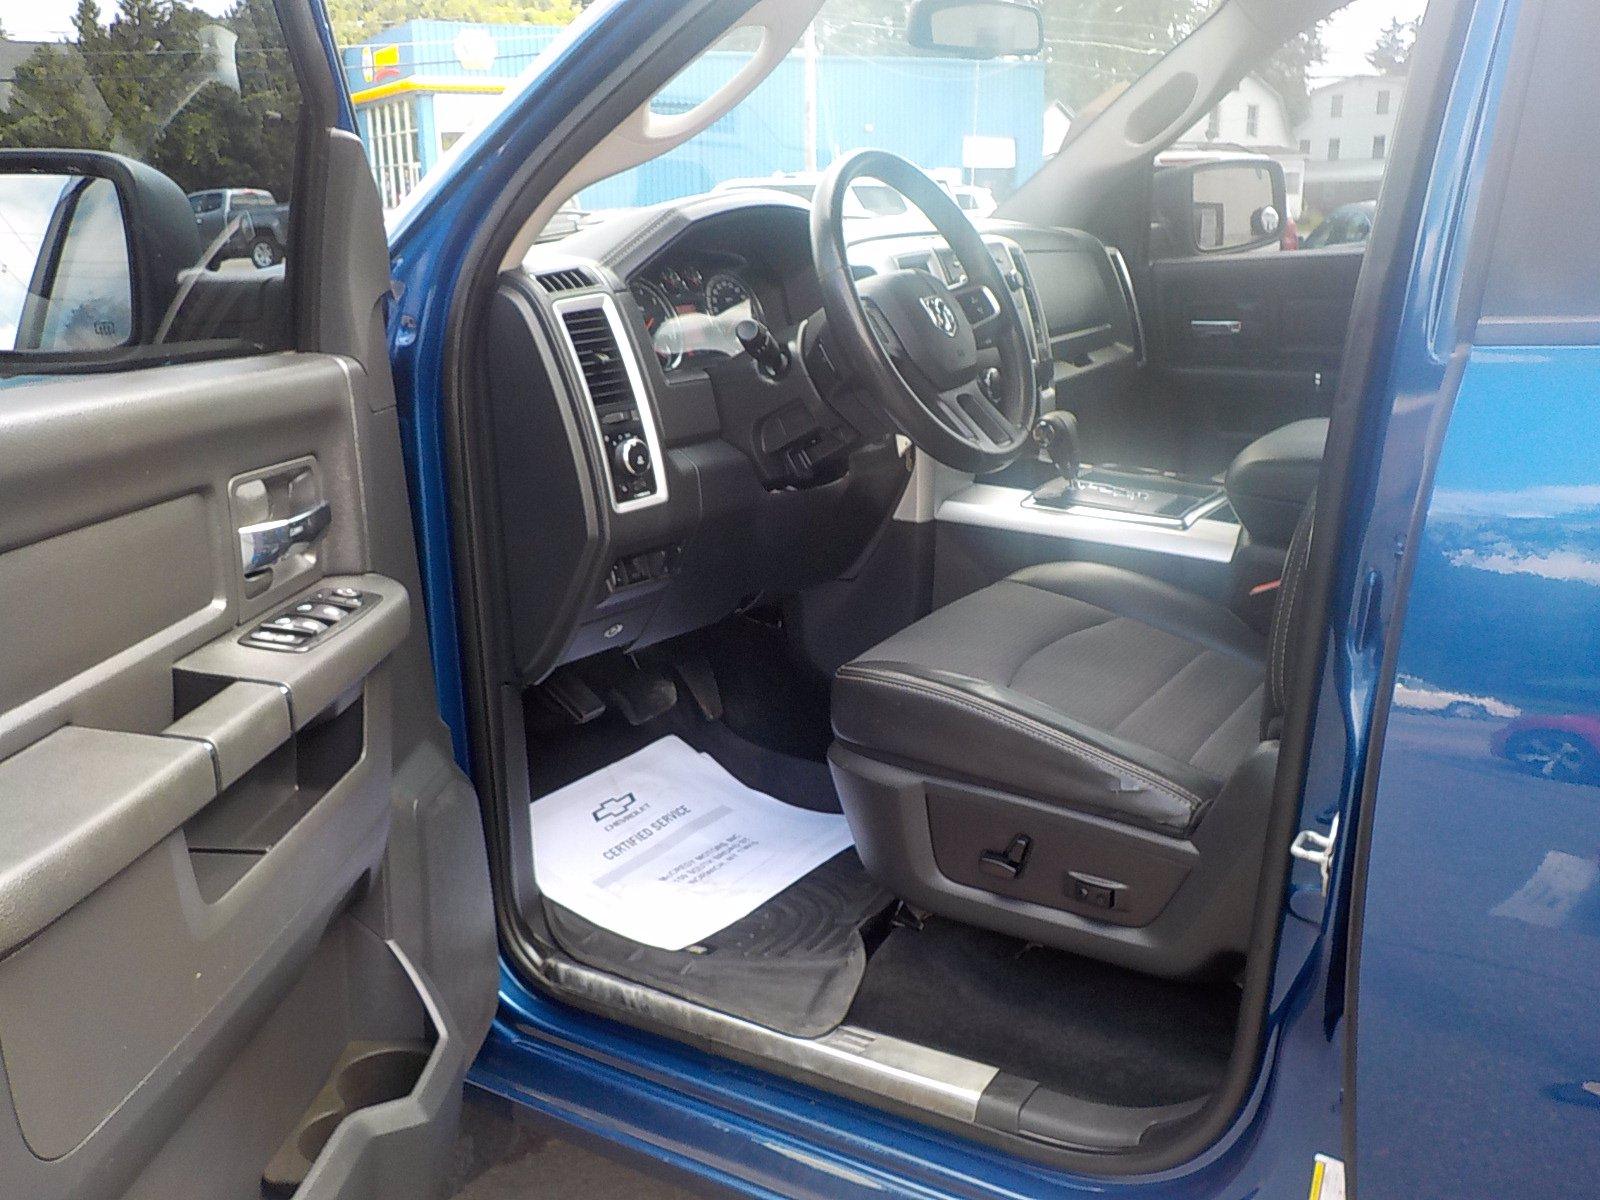 2010 Dodge Ram 1500 Truck 4x4 Crew Cab